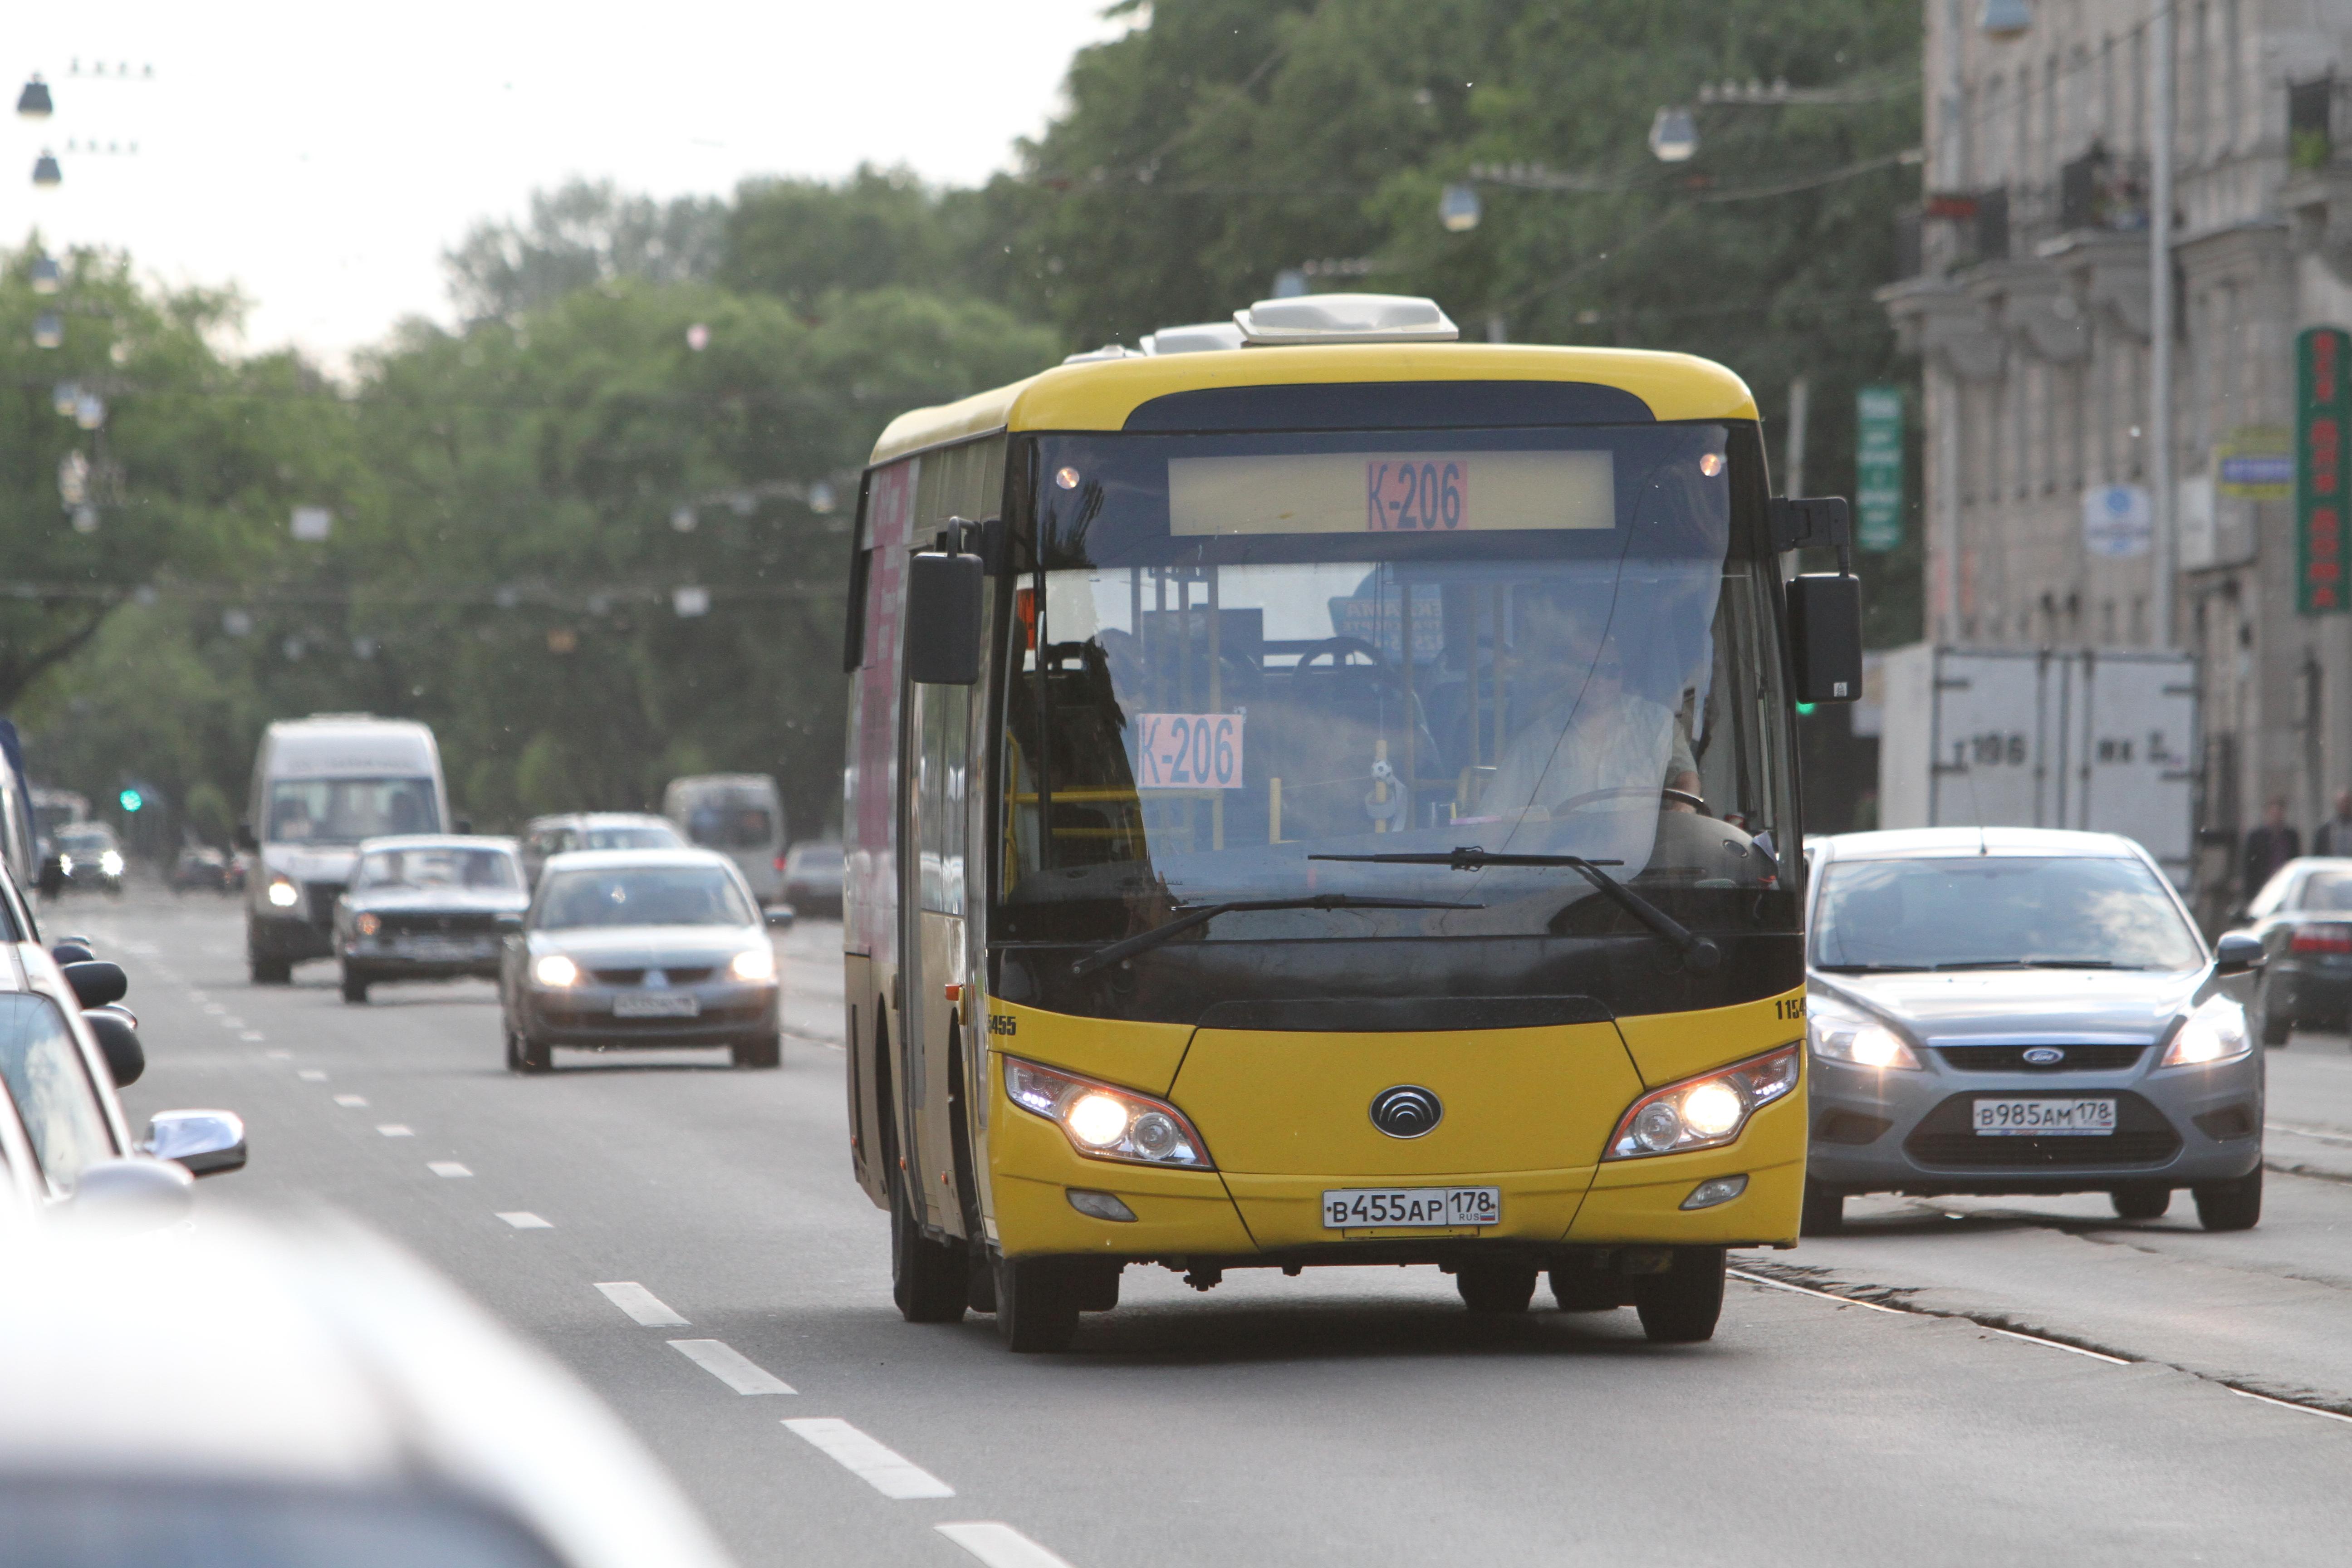 Маршрутки пришли в Петербург как временный транспорт